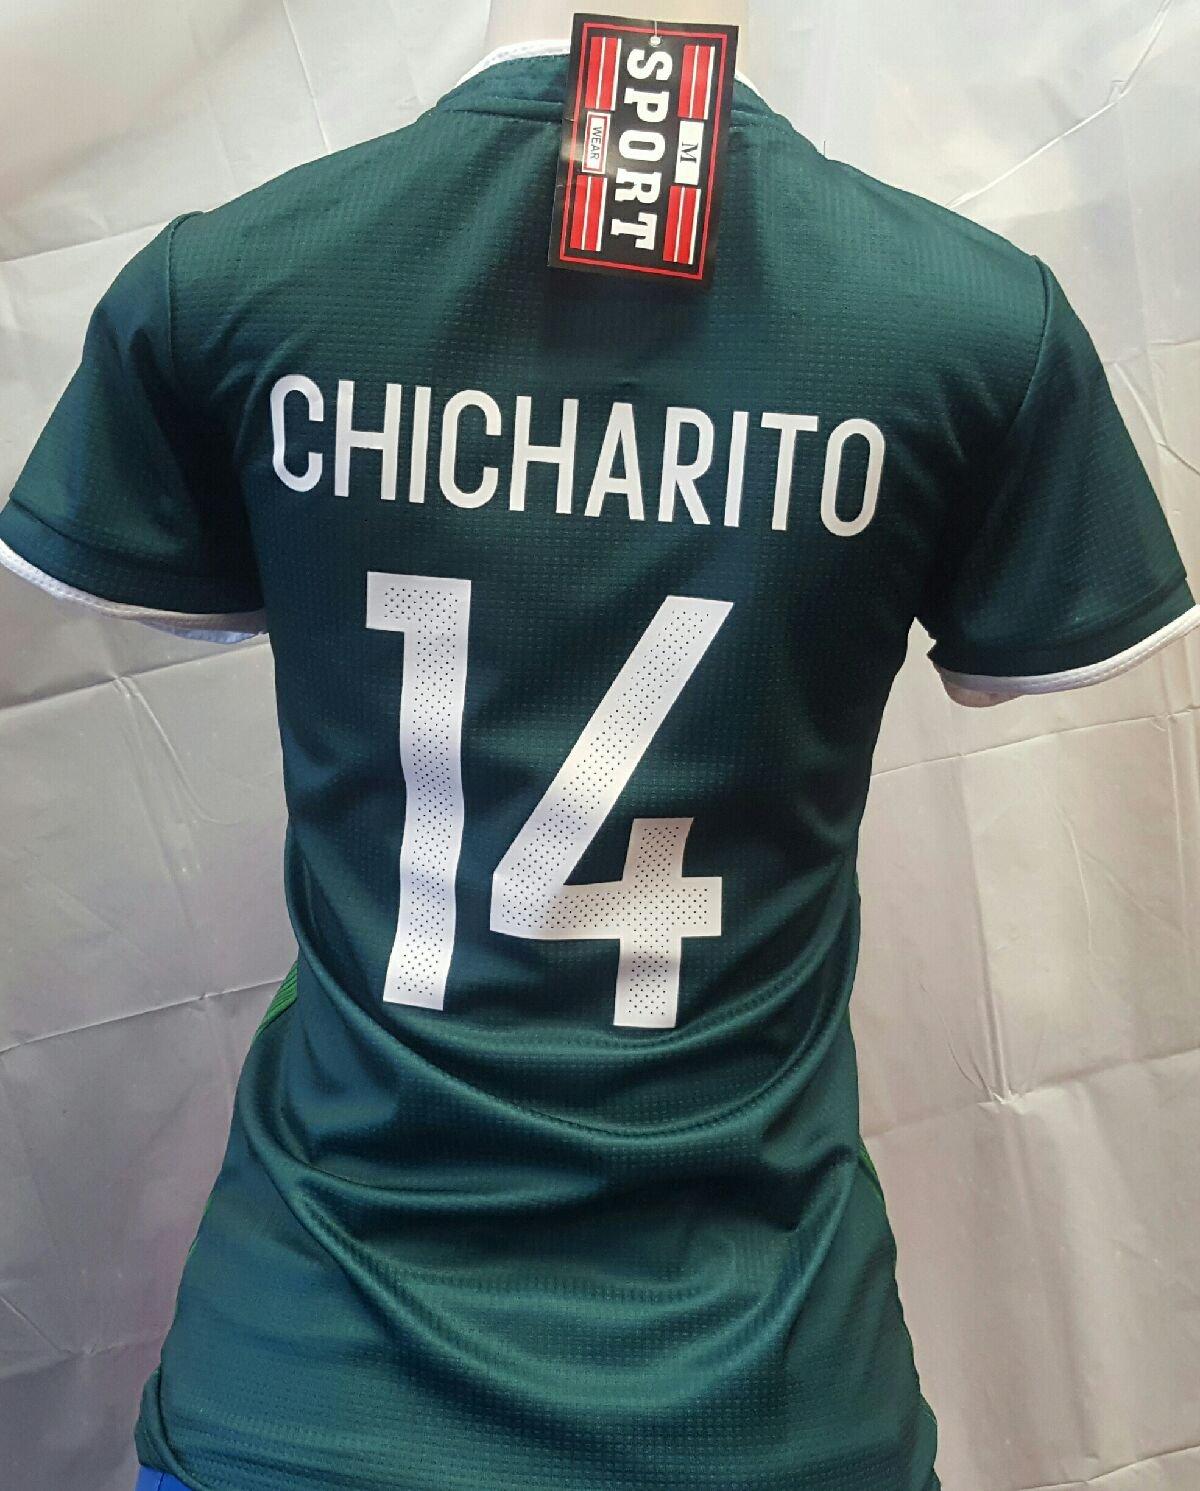 新しい。メキシコ国立チーム2018ホームGeneric ChicharitoジャージサイズLarge Ladies B079KVFXGP